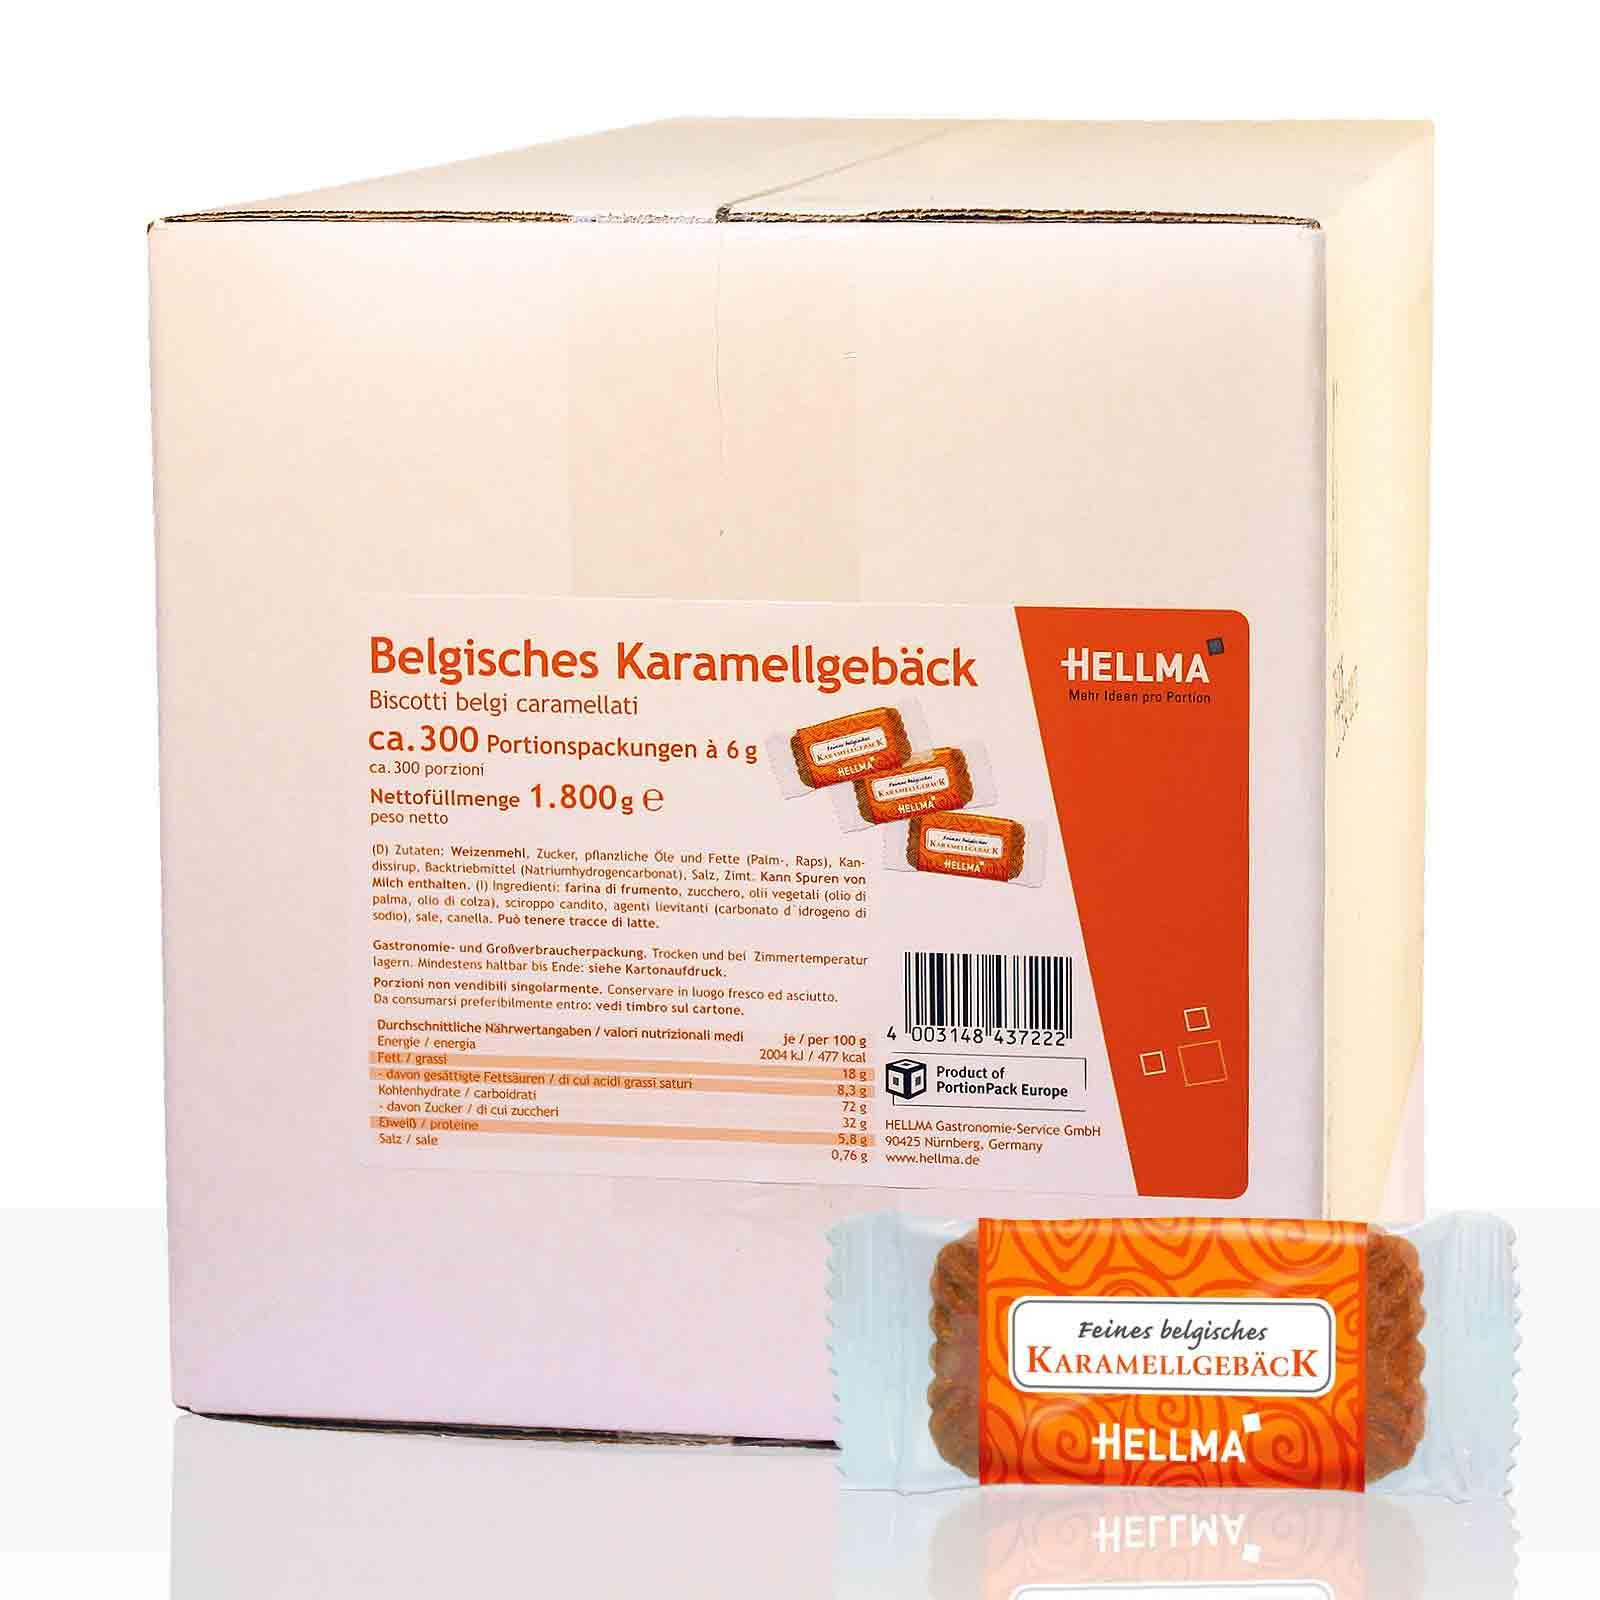 Hellma Belgisches Karamellgebäck, Keks-Gebäck 300 Stk, einzeln verpackt